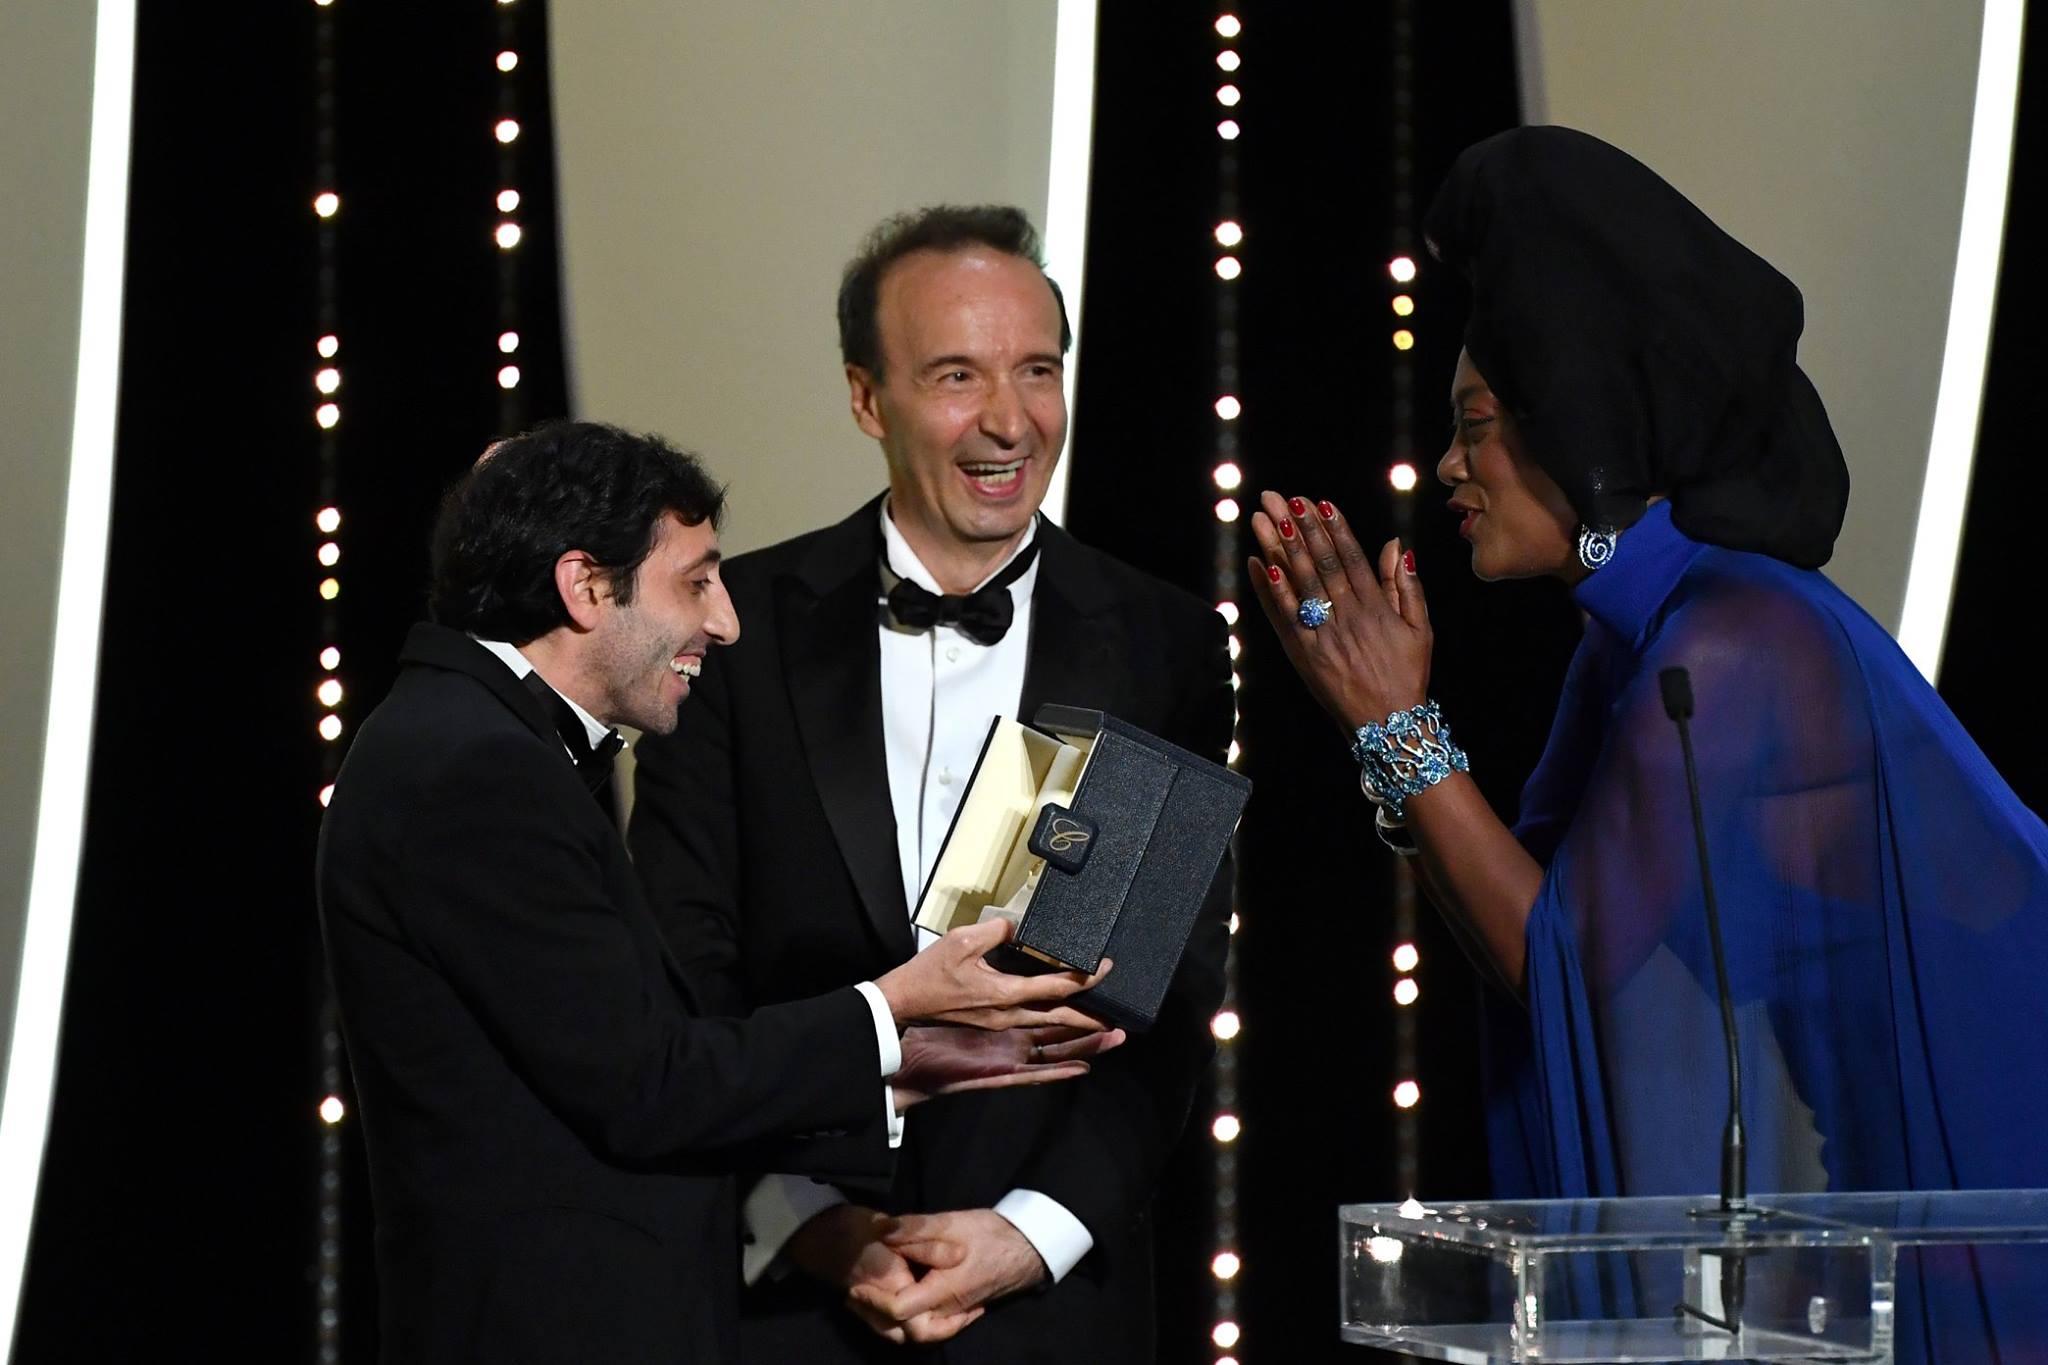 الفائزون بجوائز مهرجان كان  (1)